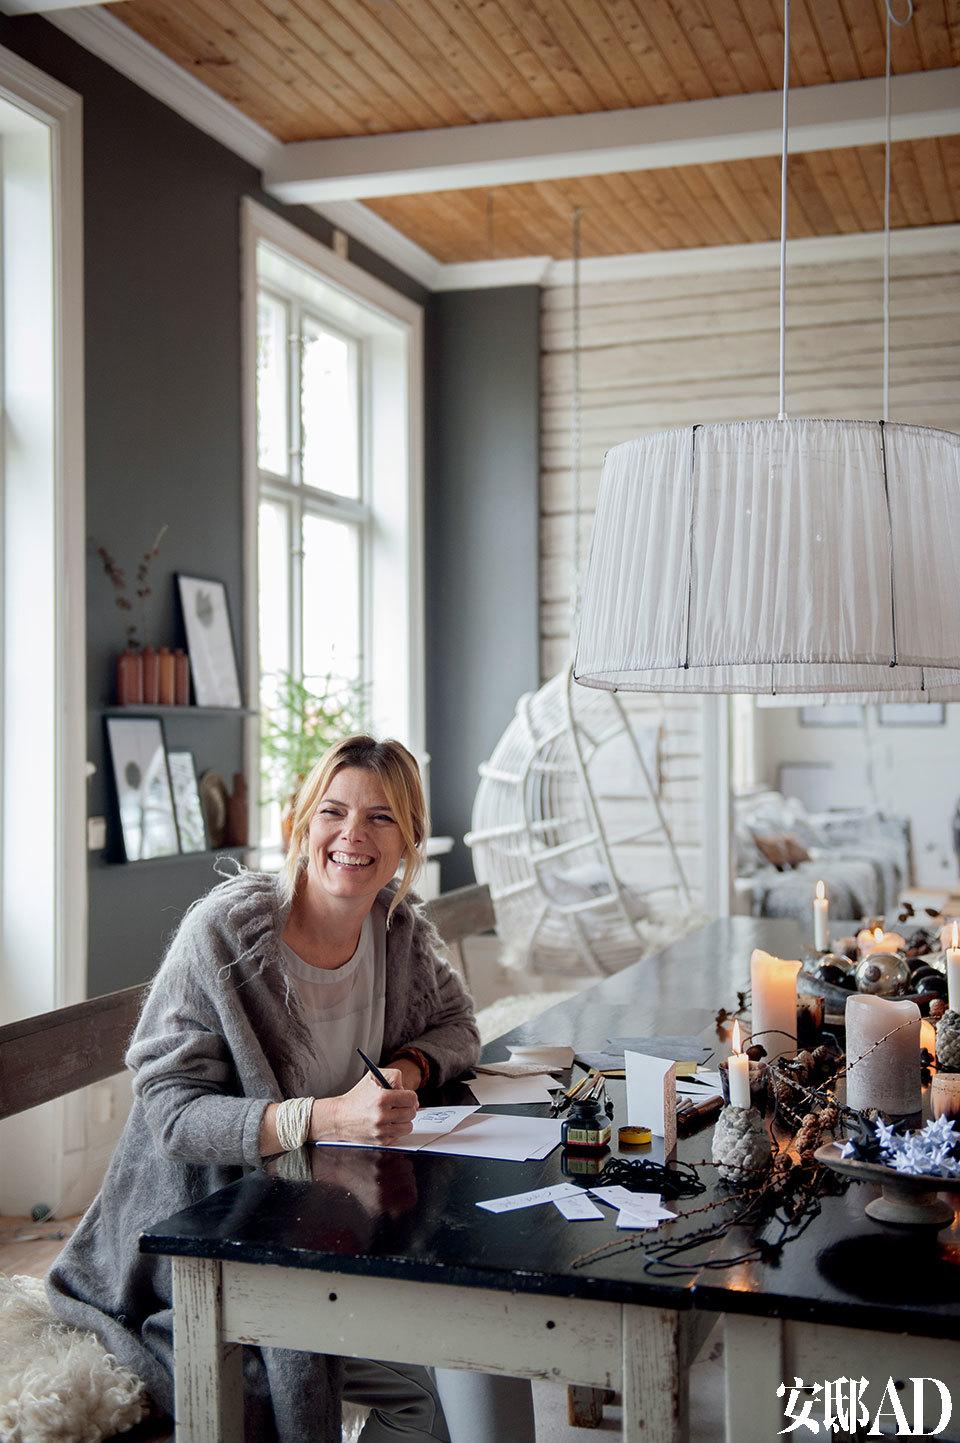 女主人Ylva开心地在餐桌上为圣诞礼物题字,她常在这里创作各种手工和艺术品。 主人:Ylva Skarp,设计师兼书法家,擅长在礼物上优雅地题字。在全世界的零售范围内,从靠枕到陶器的各种商品上,都有她创作的艺术字母。丈夫Daniel,瑞典运输管理部门的销售经理。夫妇二人与他们可爱的孩子:14岁的Hugo、11岁的Vega,还有Siri和Karla这2只猫咪,以及4只母鸡、1只公鸡共同生活在瑞典西莲湖(Lake Siljan,瑞典中南部的湖泊,面积达354平方公里,世界著名旅游地)的旧校舍里,这是一座310平方米的前校舍,在Leksand郊外,建于1901年。